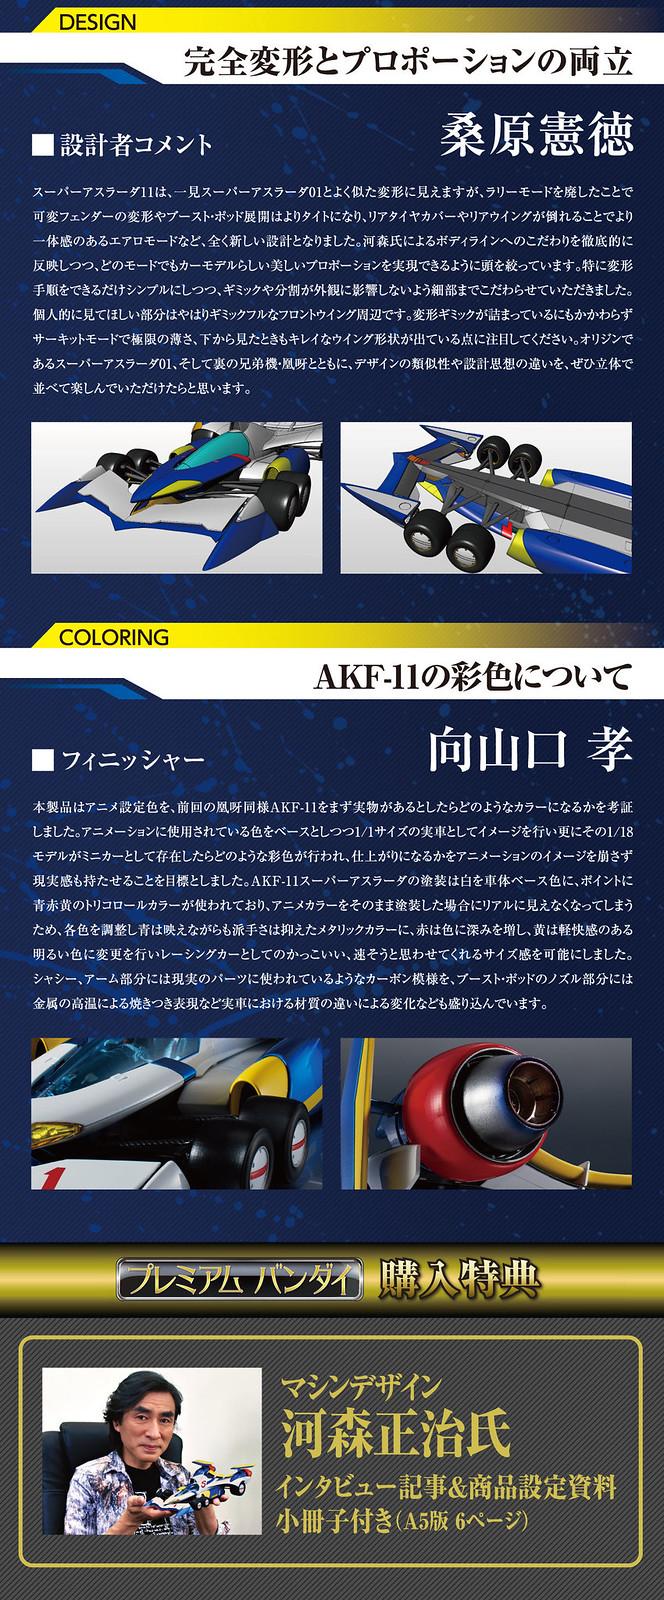 實現完全變形機構 Variable Action Hi-SPEC《閃電霹靂車11》超級阿斯拉AKF-11(スーパーアスラーダ AKF-11)